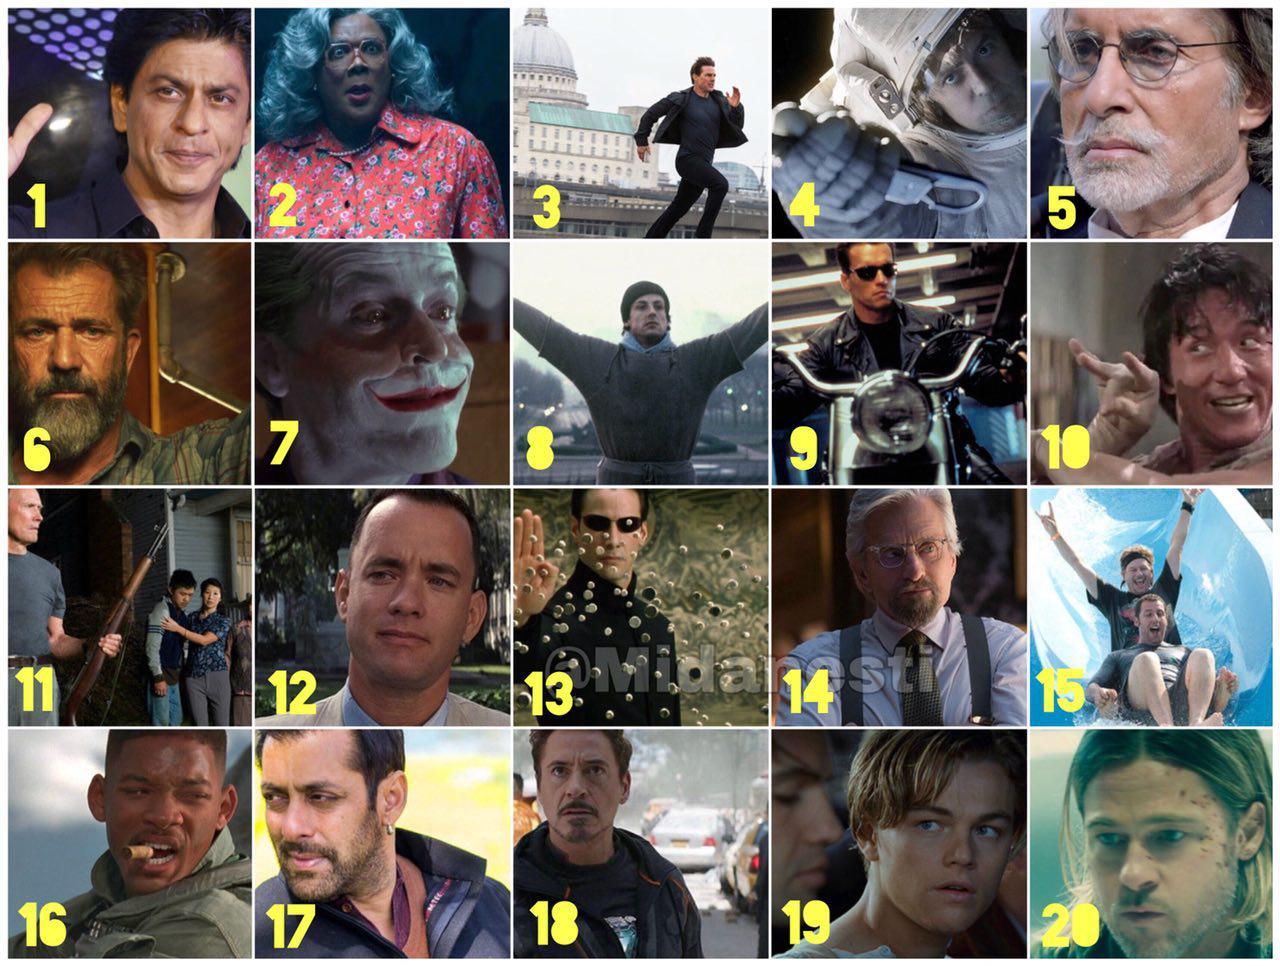 ثروتمندترین بازیگران مرد سینمای جهان رو بشناسید :)